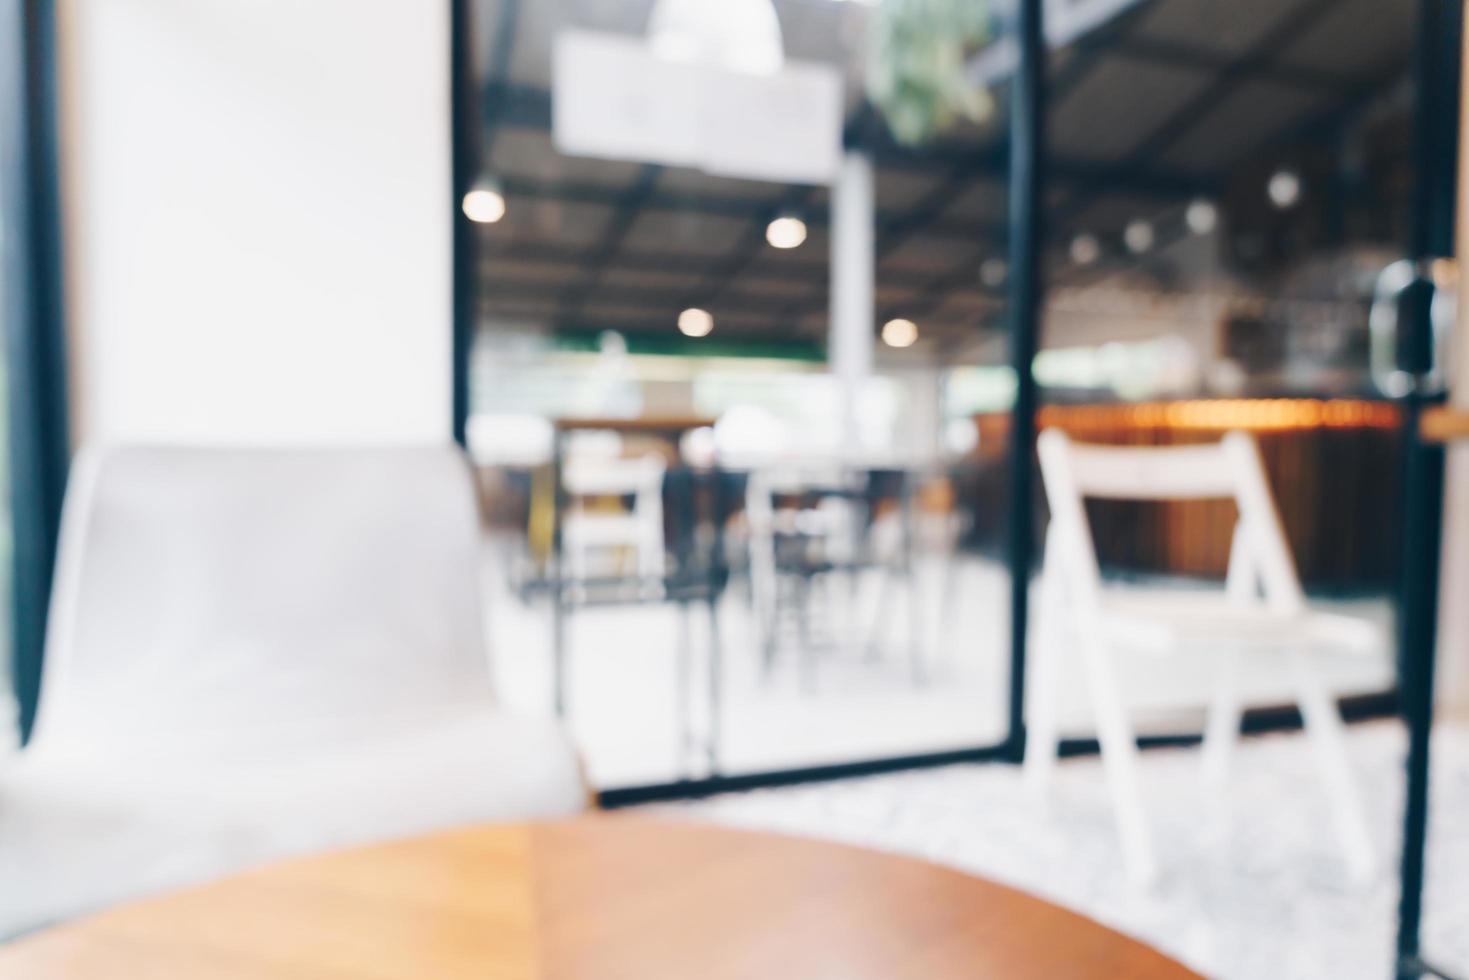 abstract vervagen coffeeshop en café voor achtergrond foto